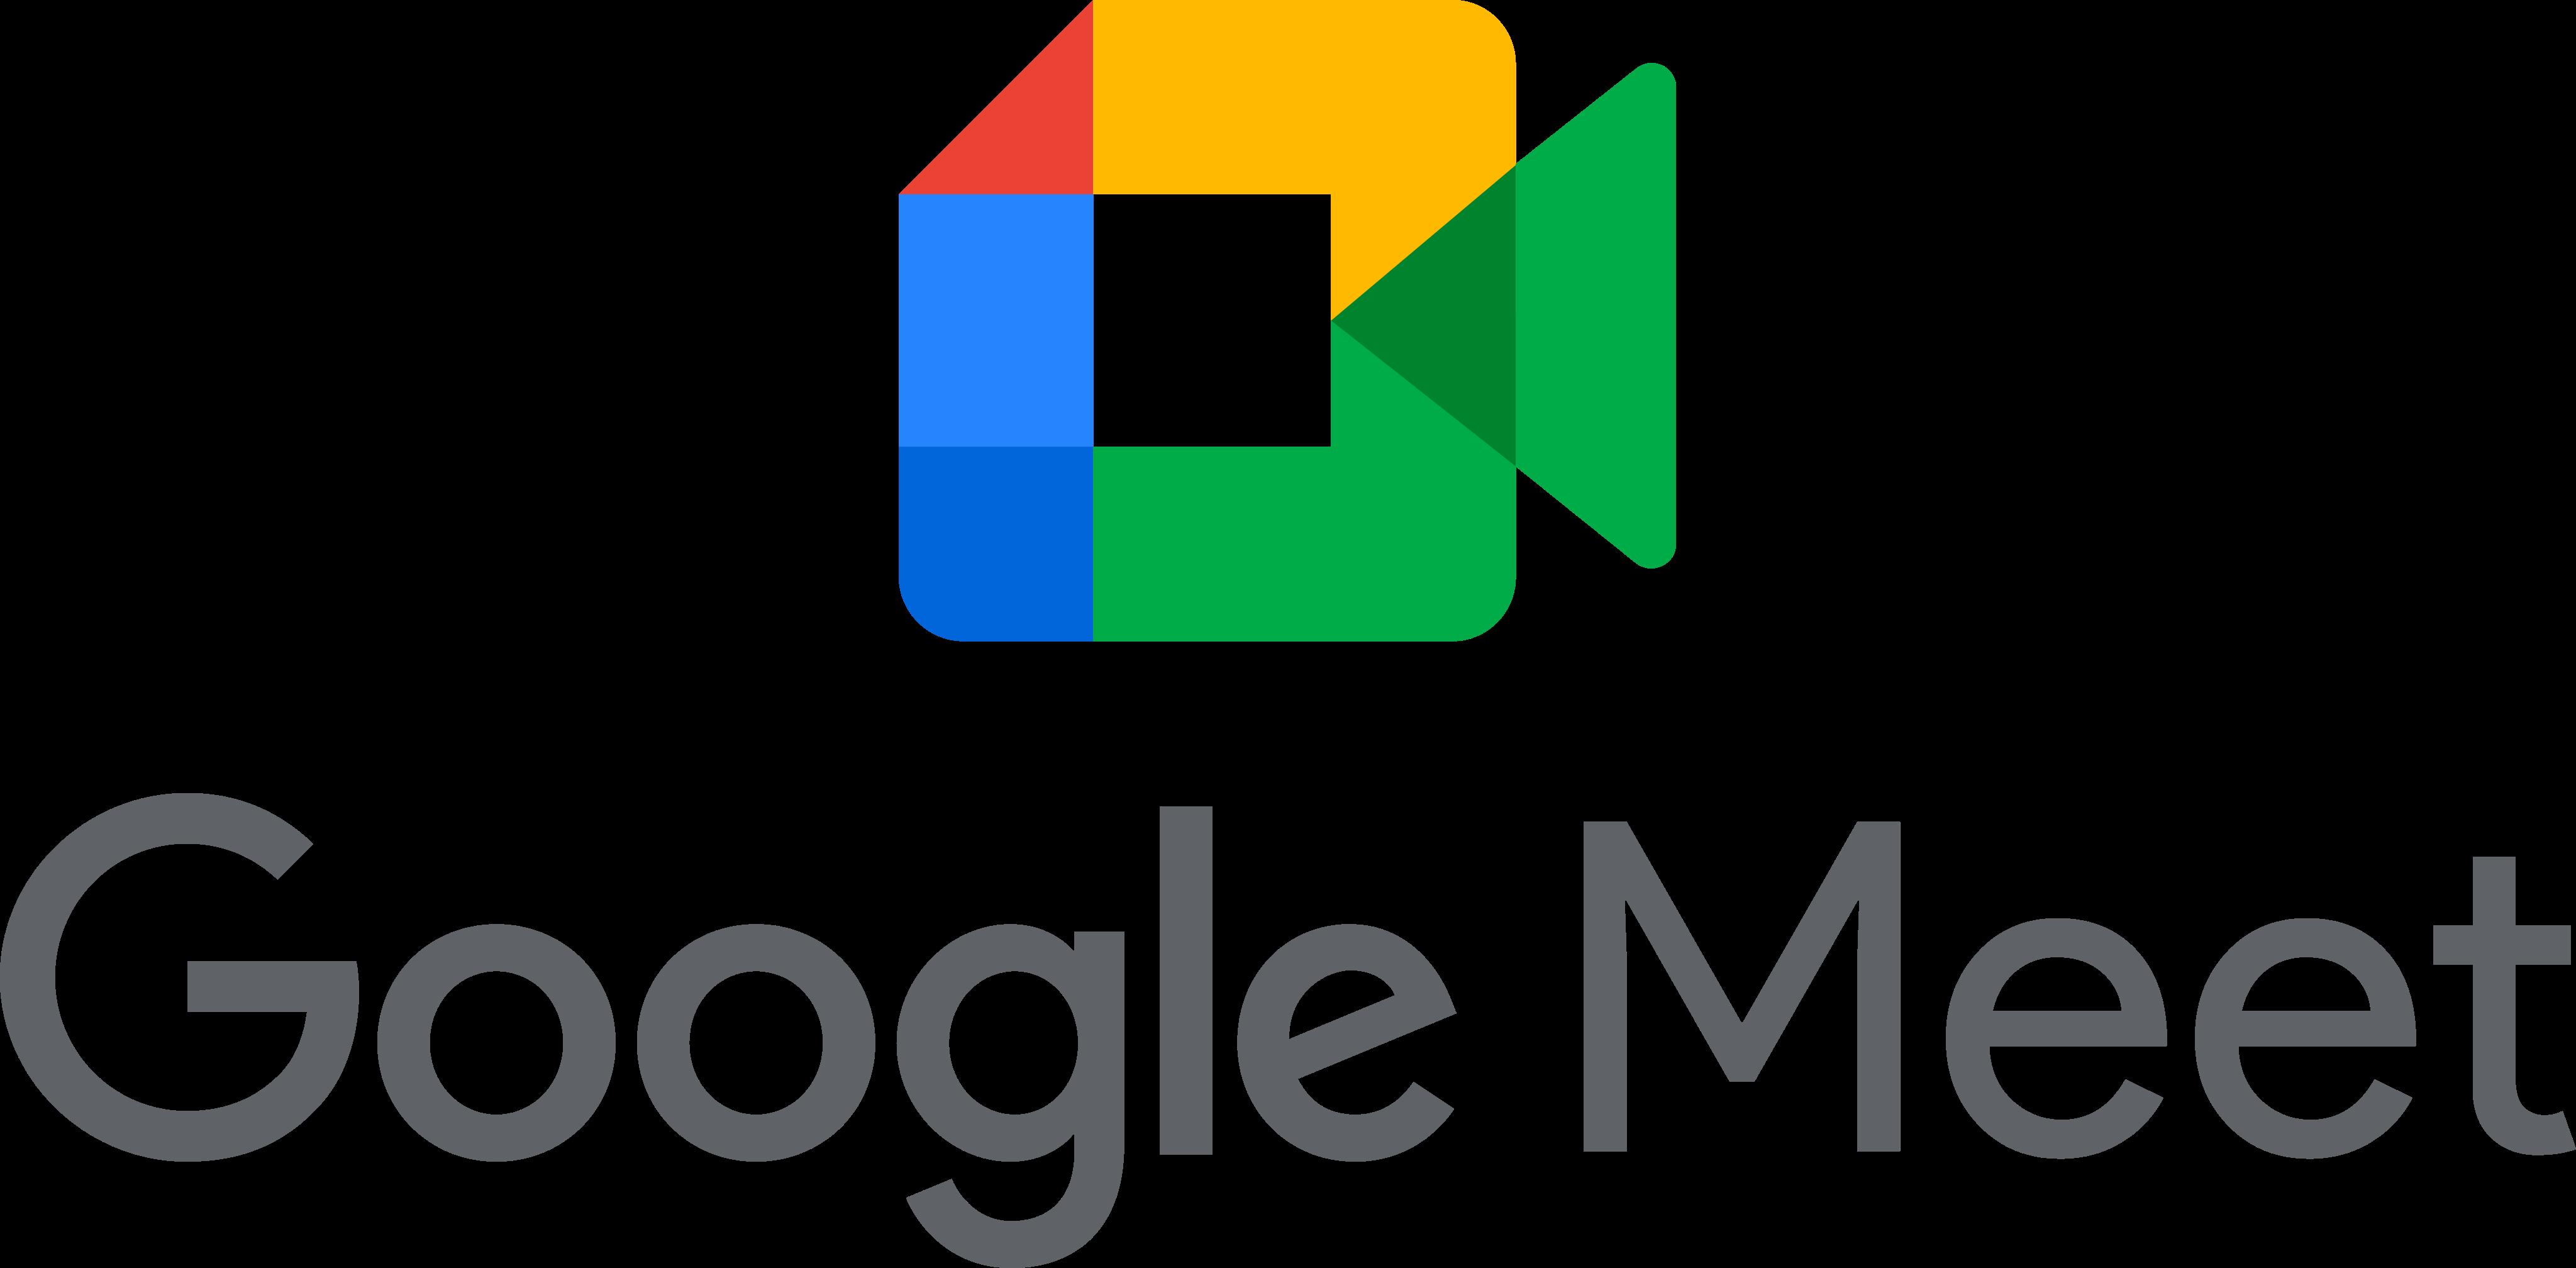 google-meet-logo-1